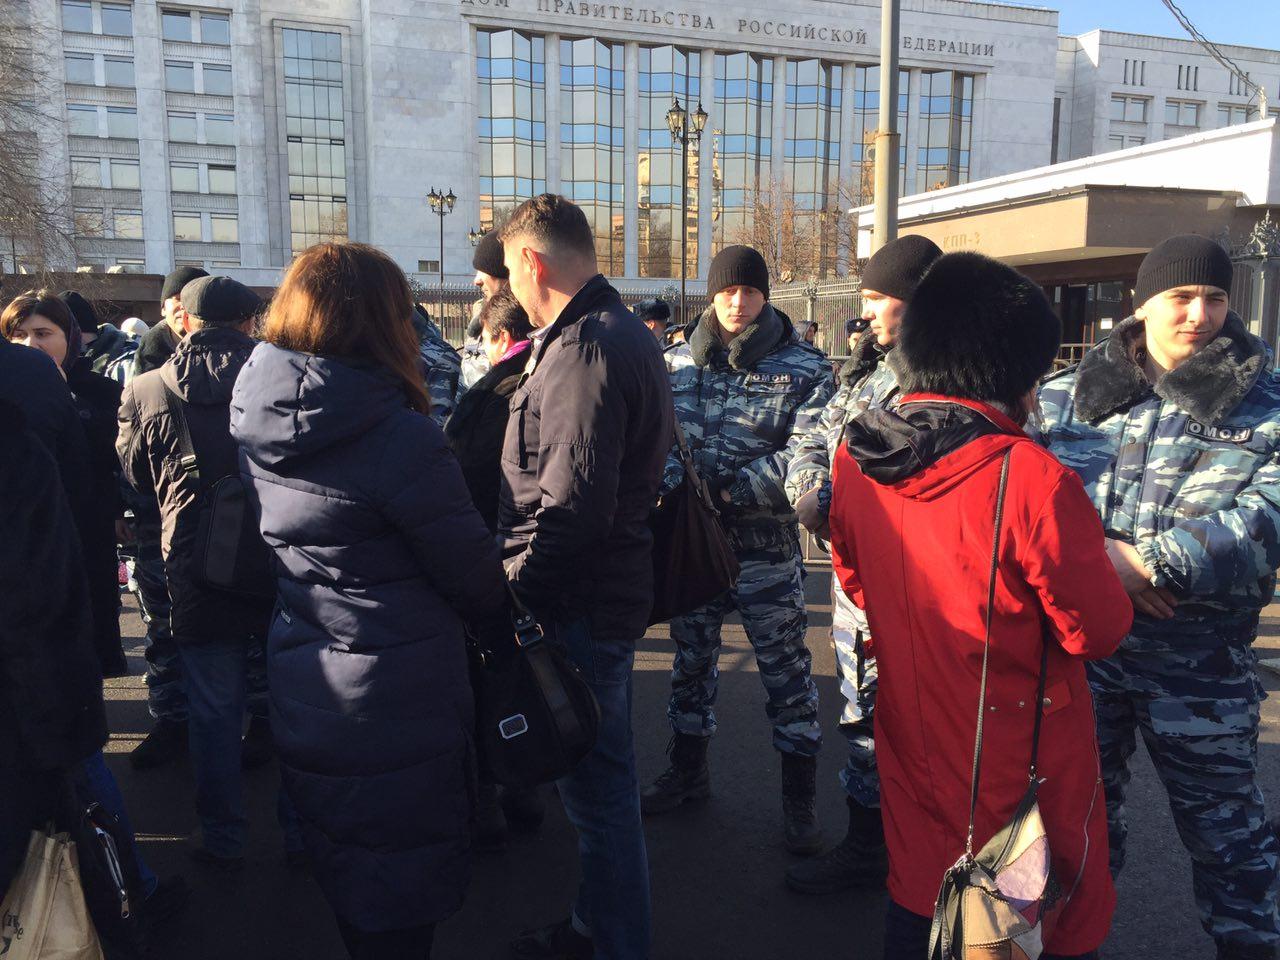 В столице задержали 2 человек перед встречей Силуанова свалютными заёмщиками